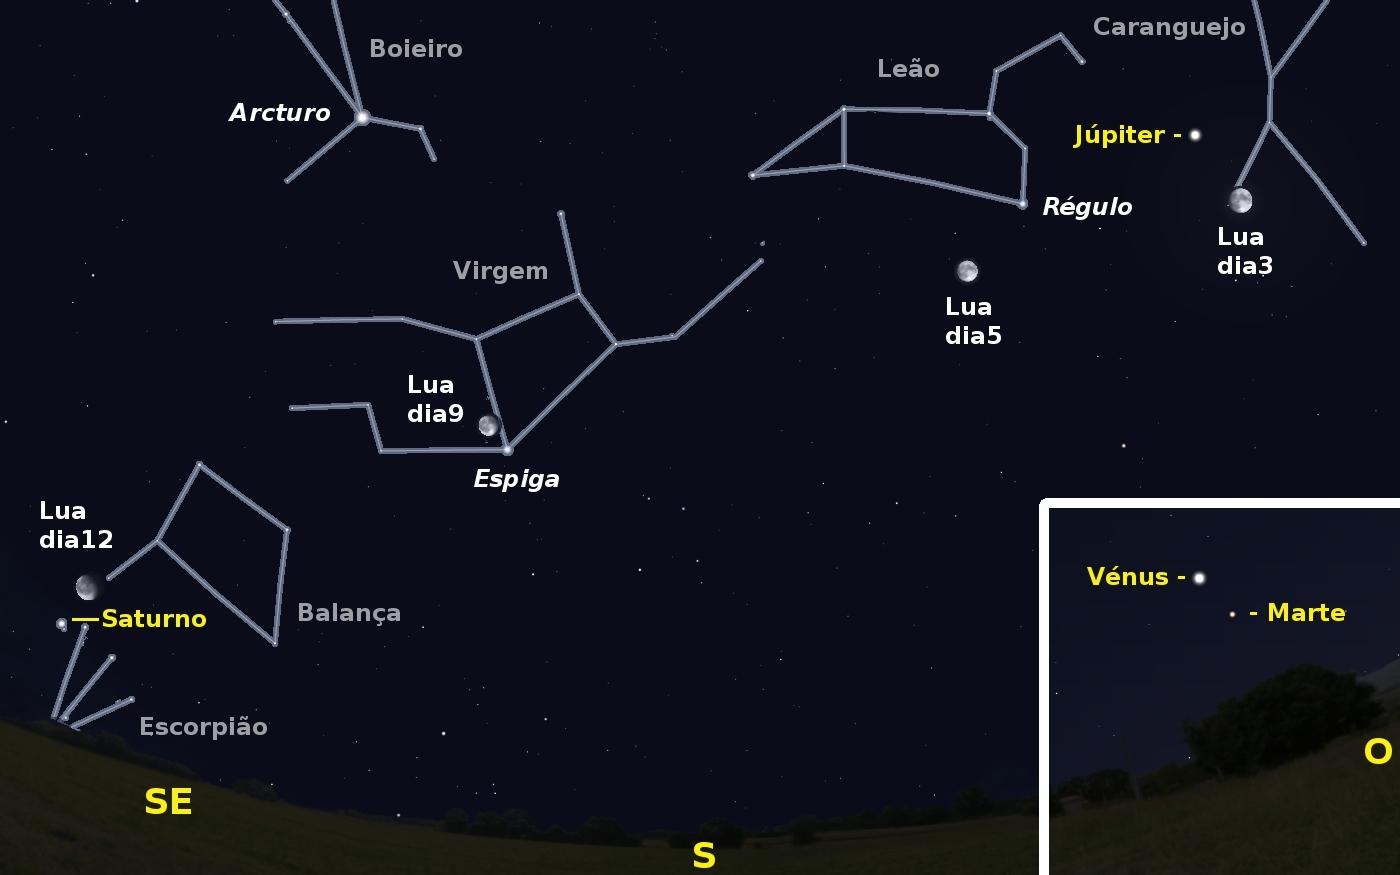 Vista do céu a Sul pelas 2h00 da madrugada de dia 3. Igualmente é visível da posição da Lua nas madrugadas de dia 5, 9 e 12. Canto inferior direito: Céu a Oeste com posição de Vénus e Marte ao início da noite de dia 2 para 3